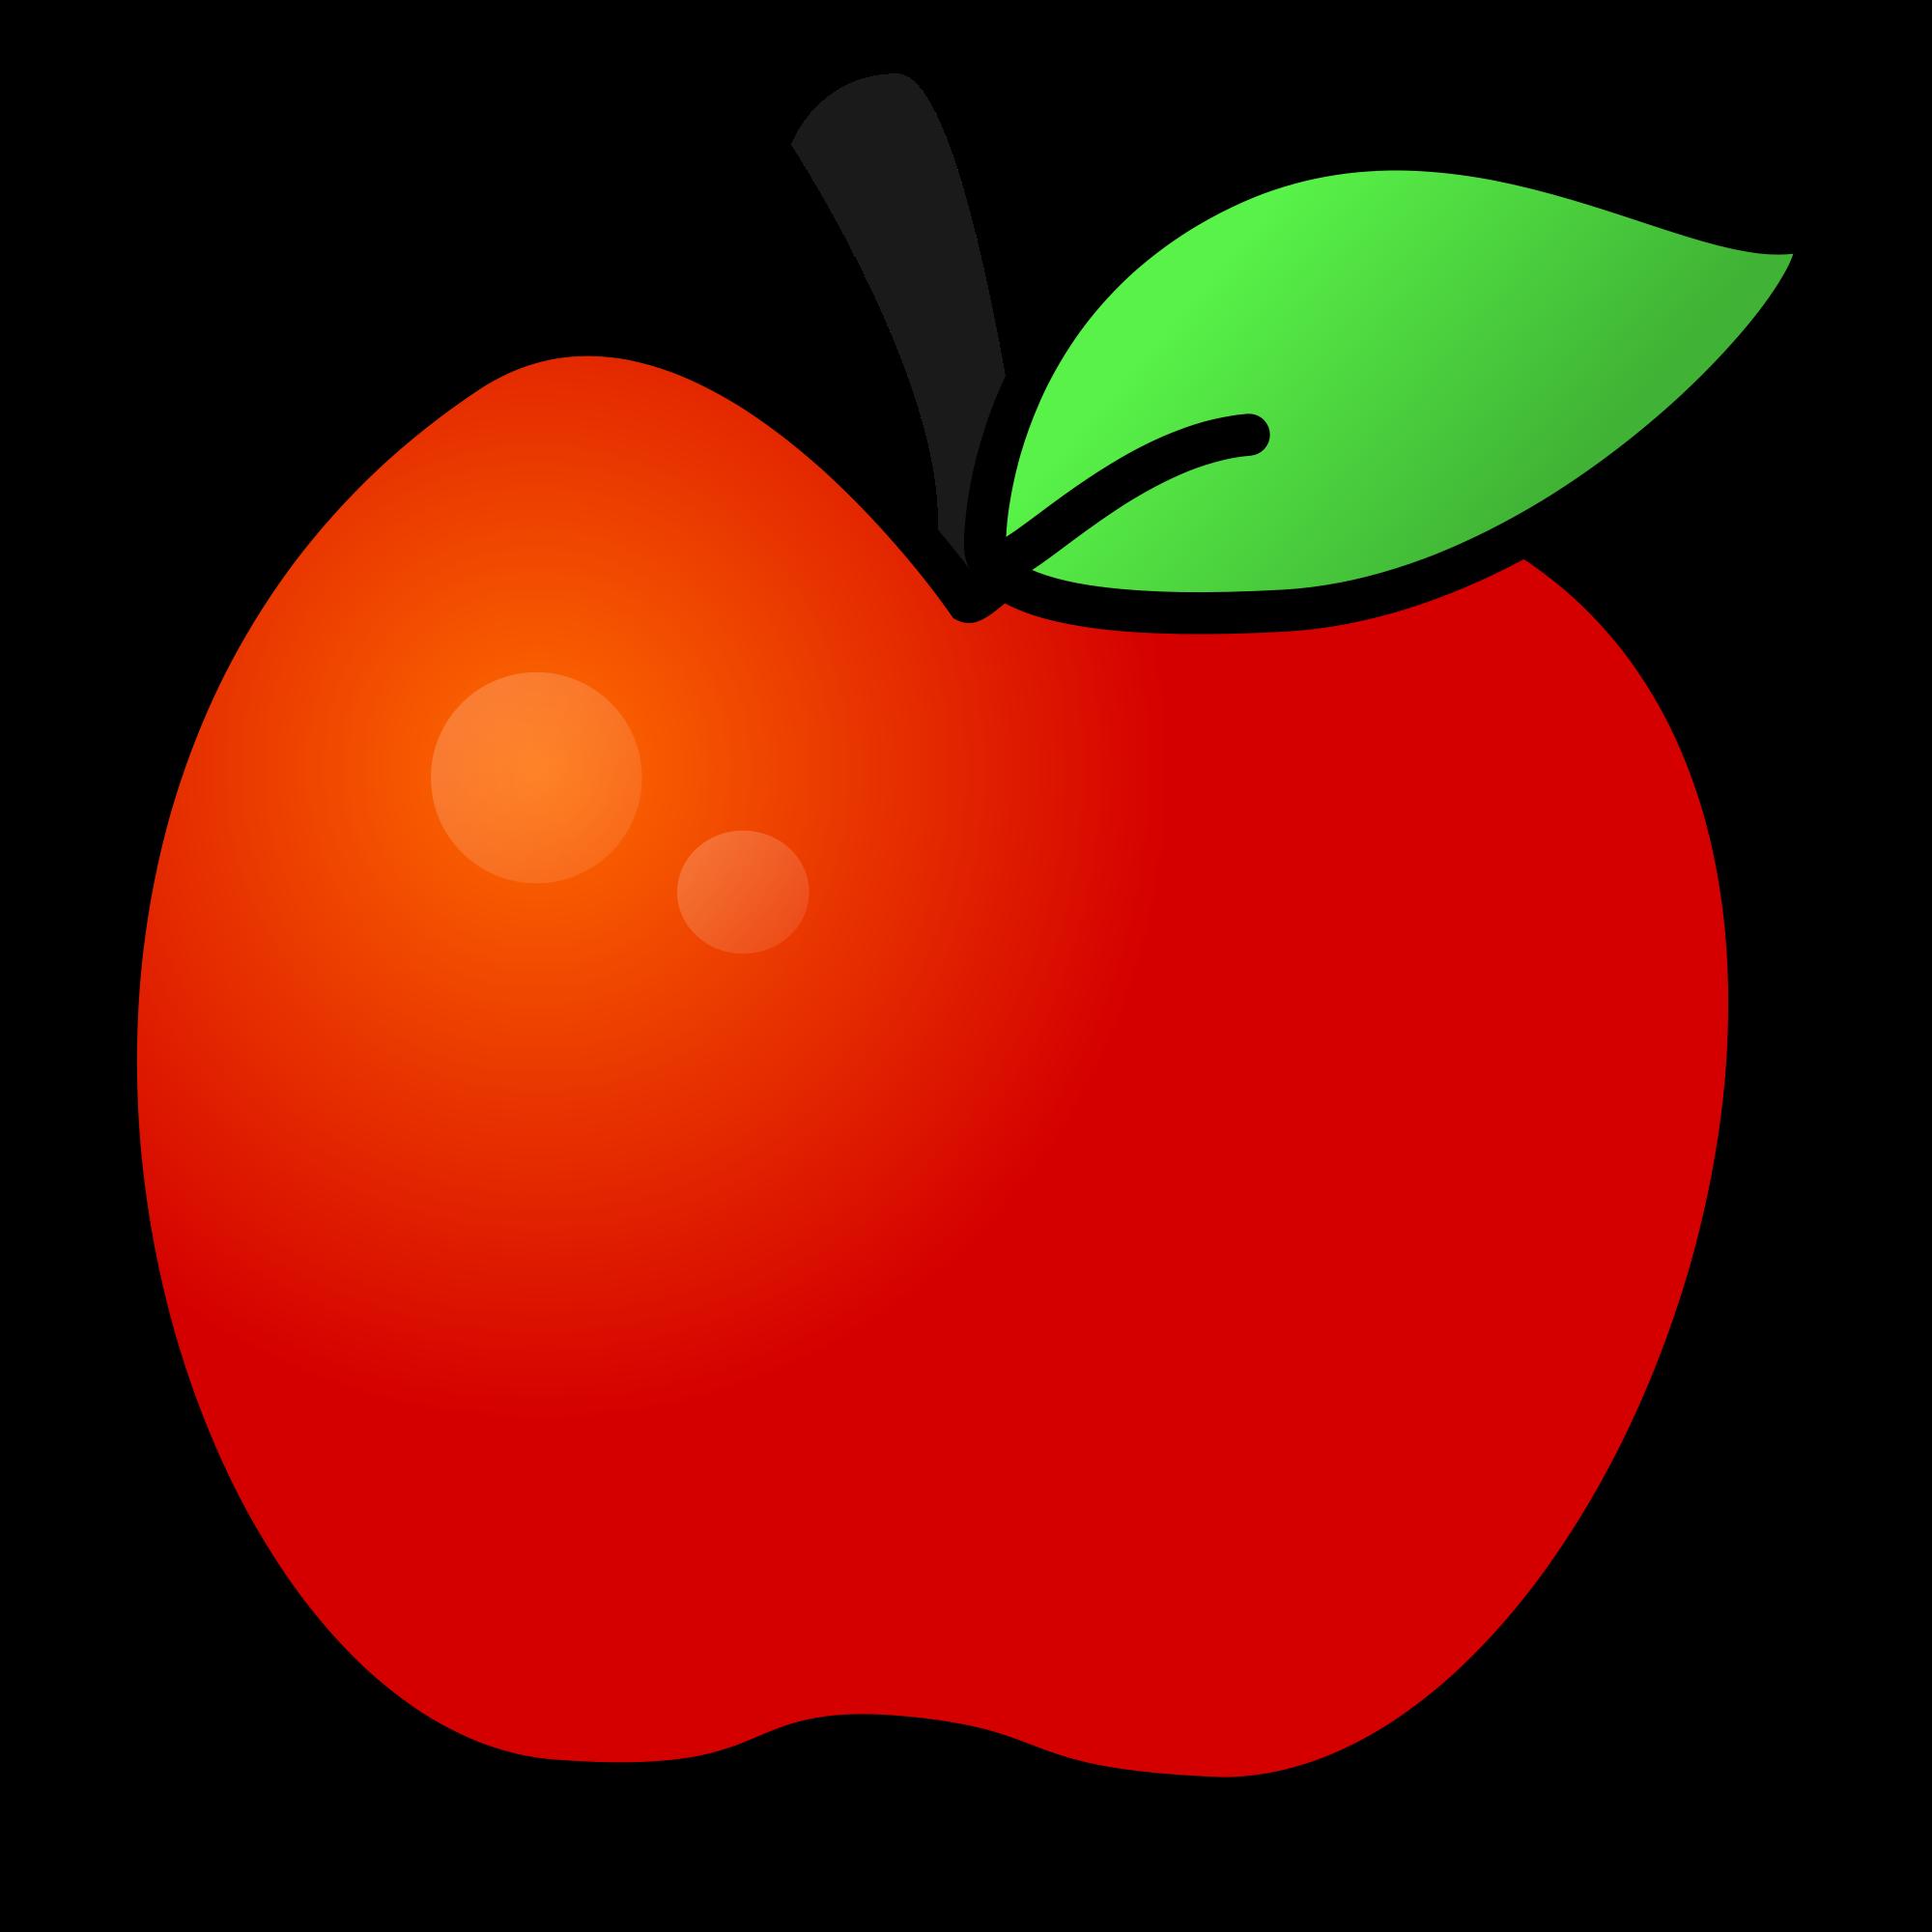 2000x2000 Filered Apple With Leaf.svg